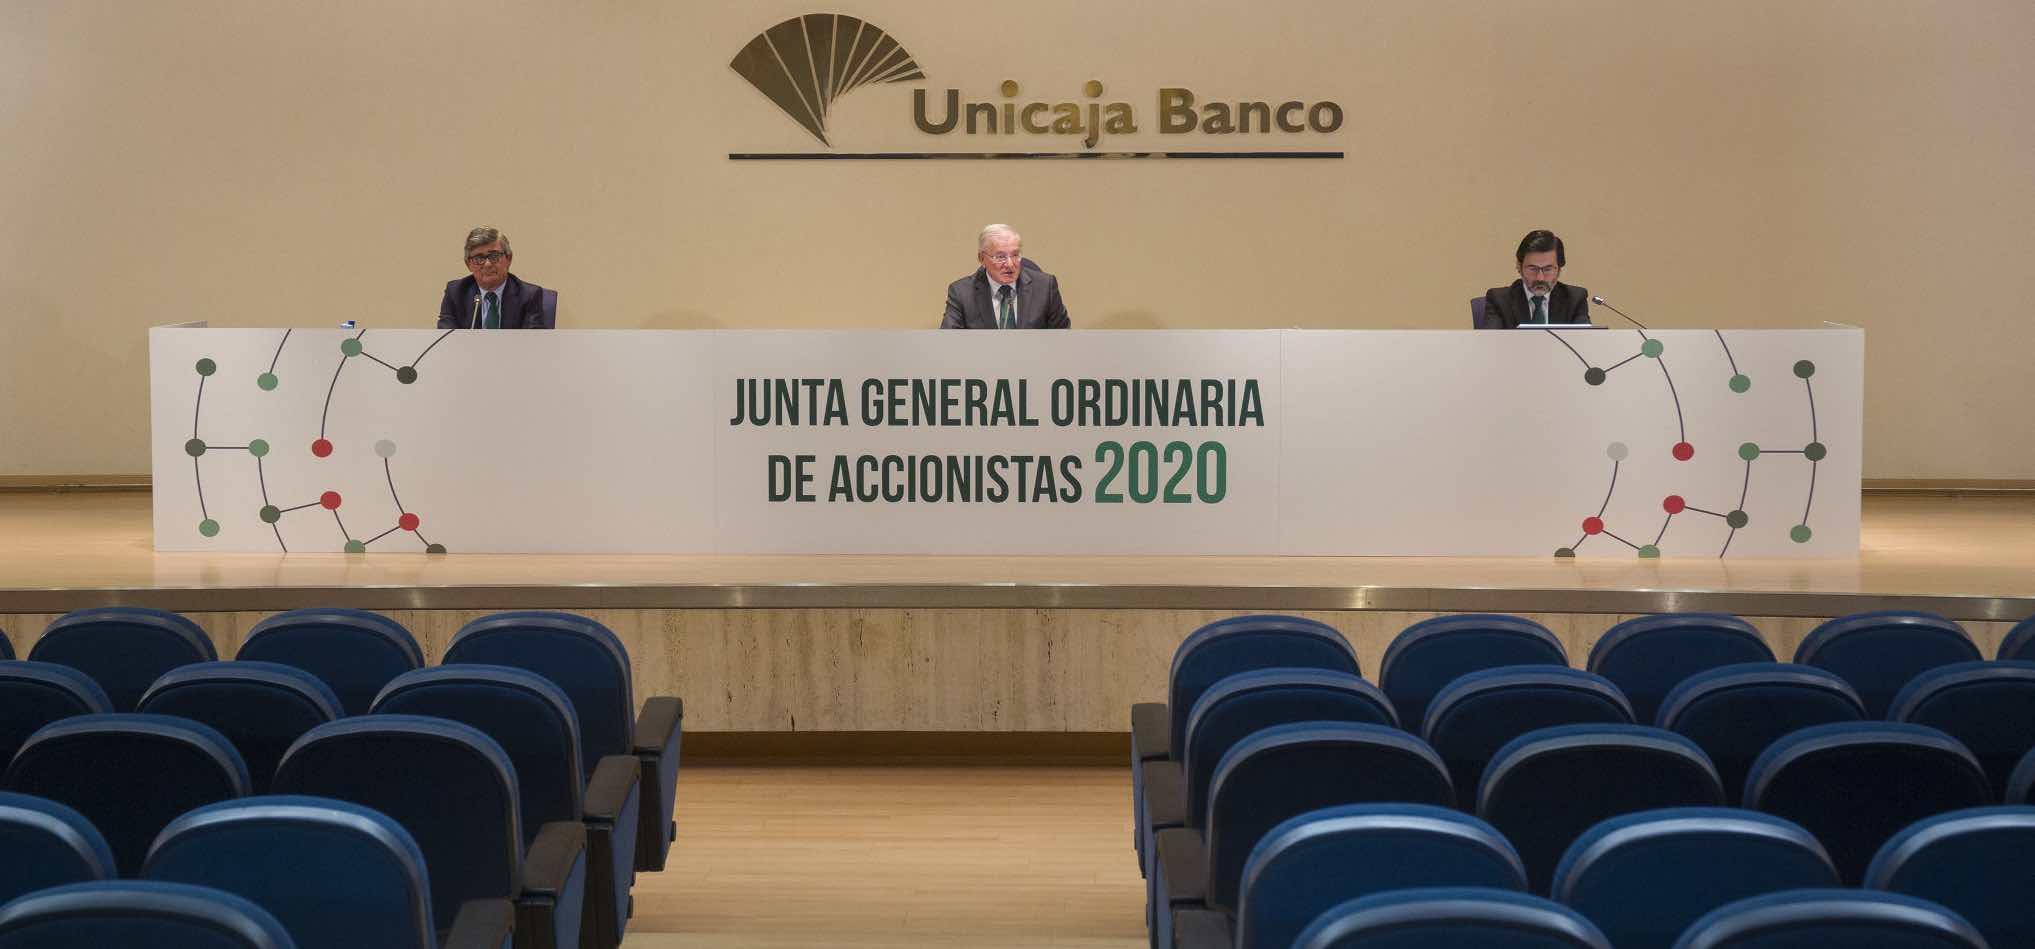 Unicaja banca solución crisis